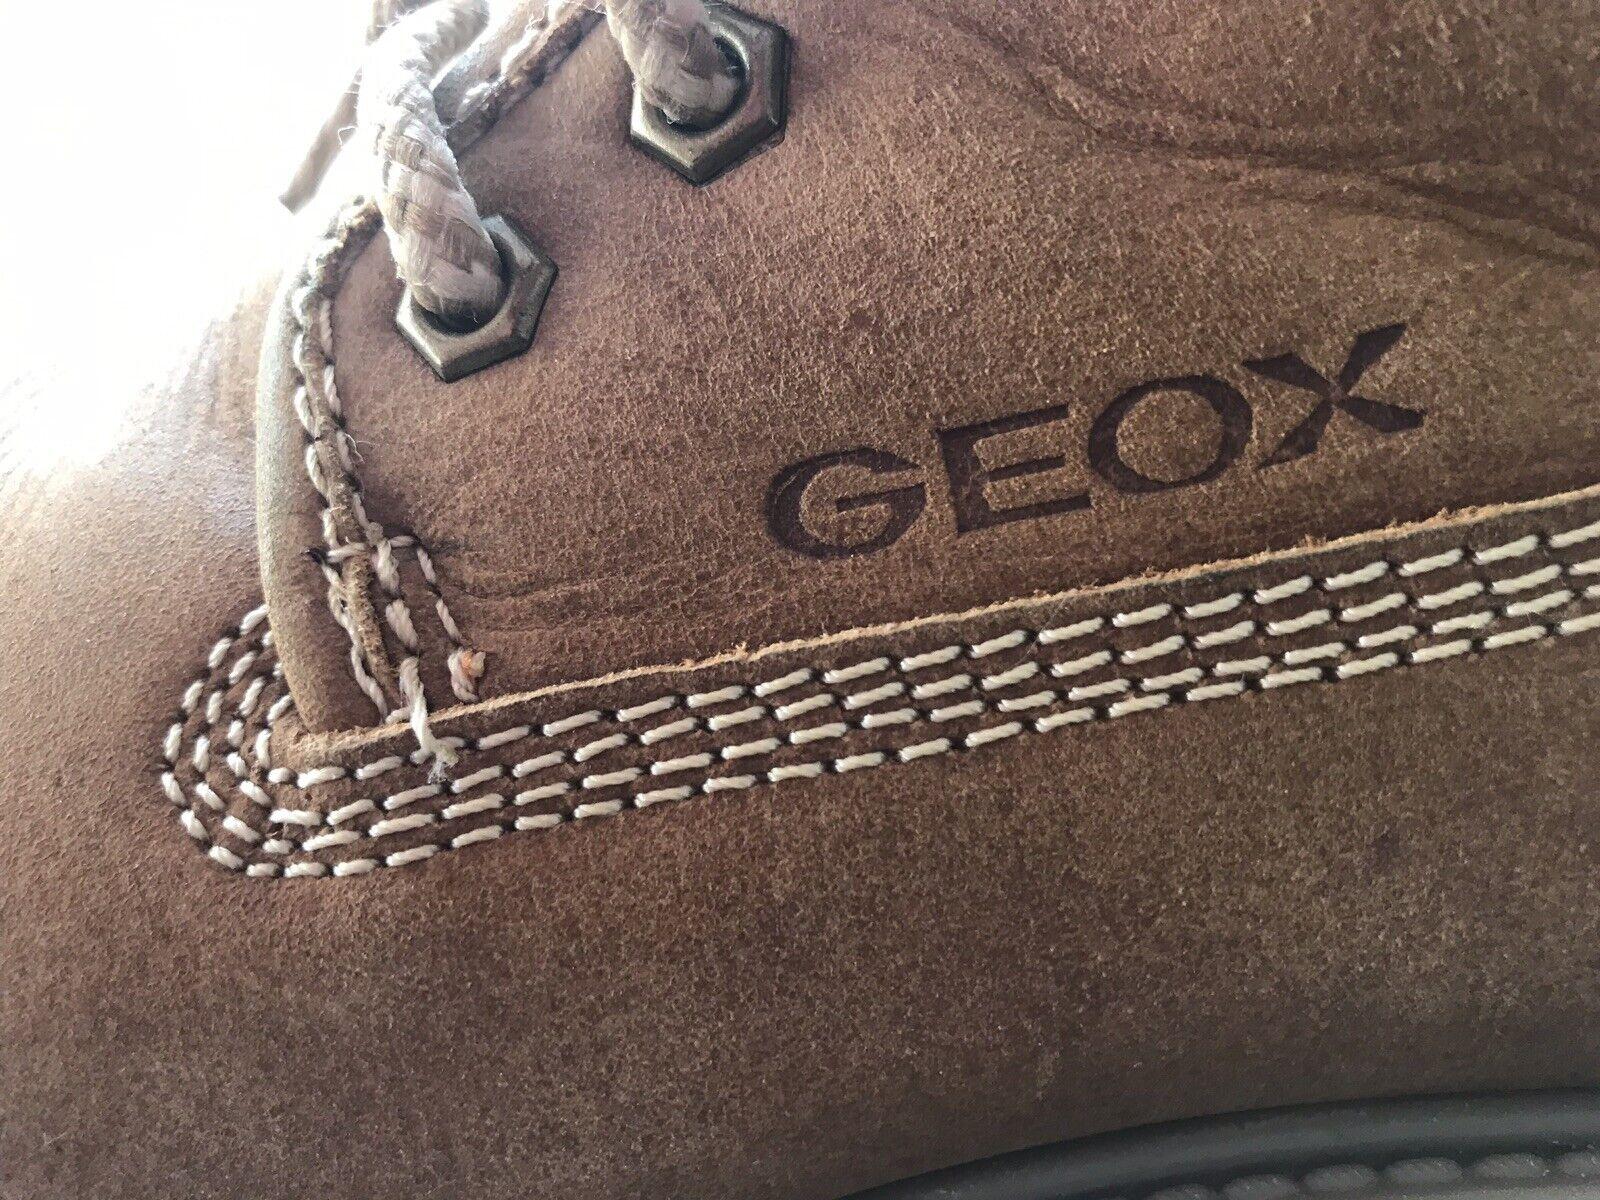 Geox Damen 38 Biker Stiefel Stiefeletten Schnürer Oiled Leather selten getragen